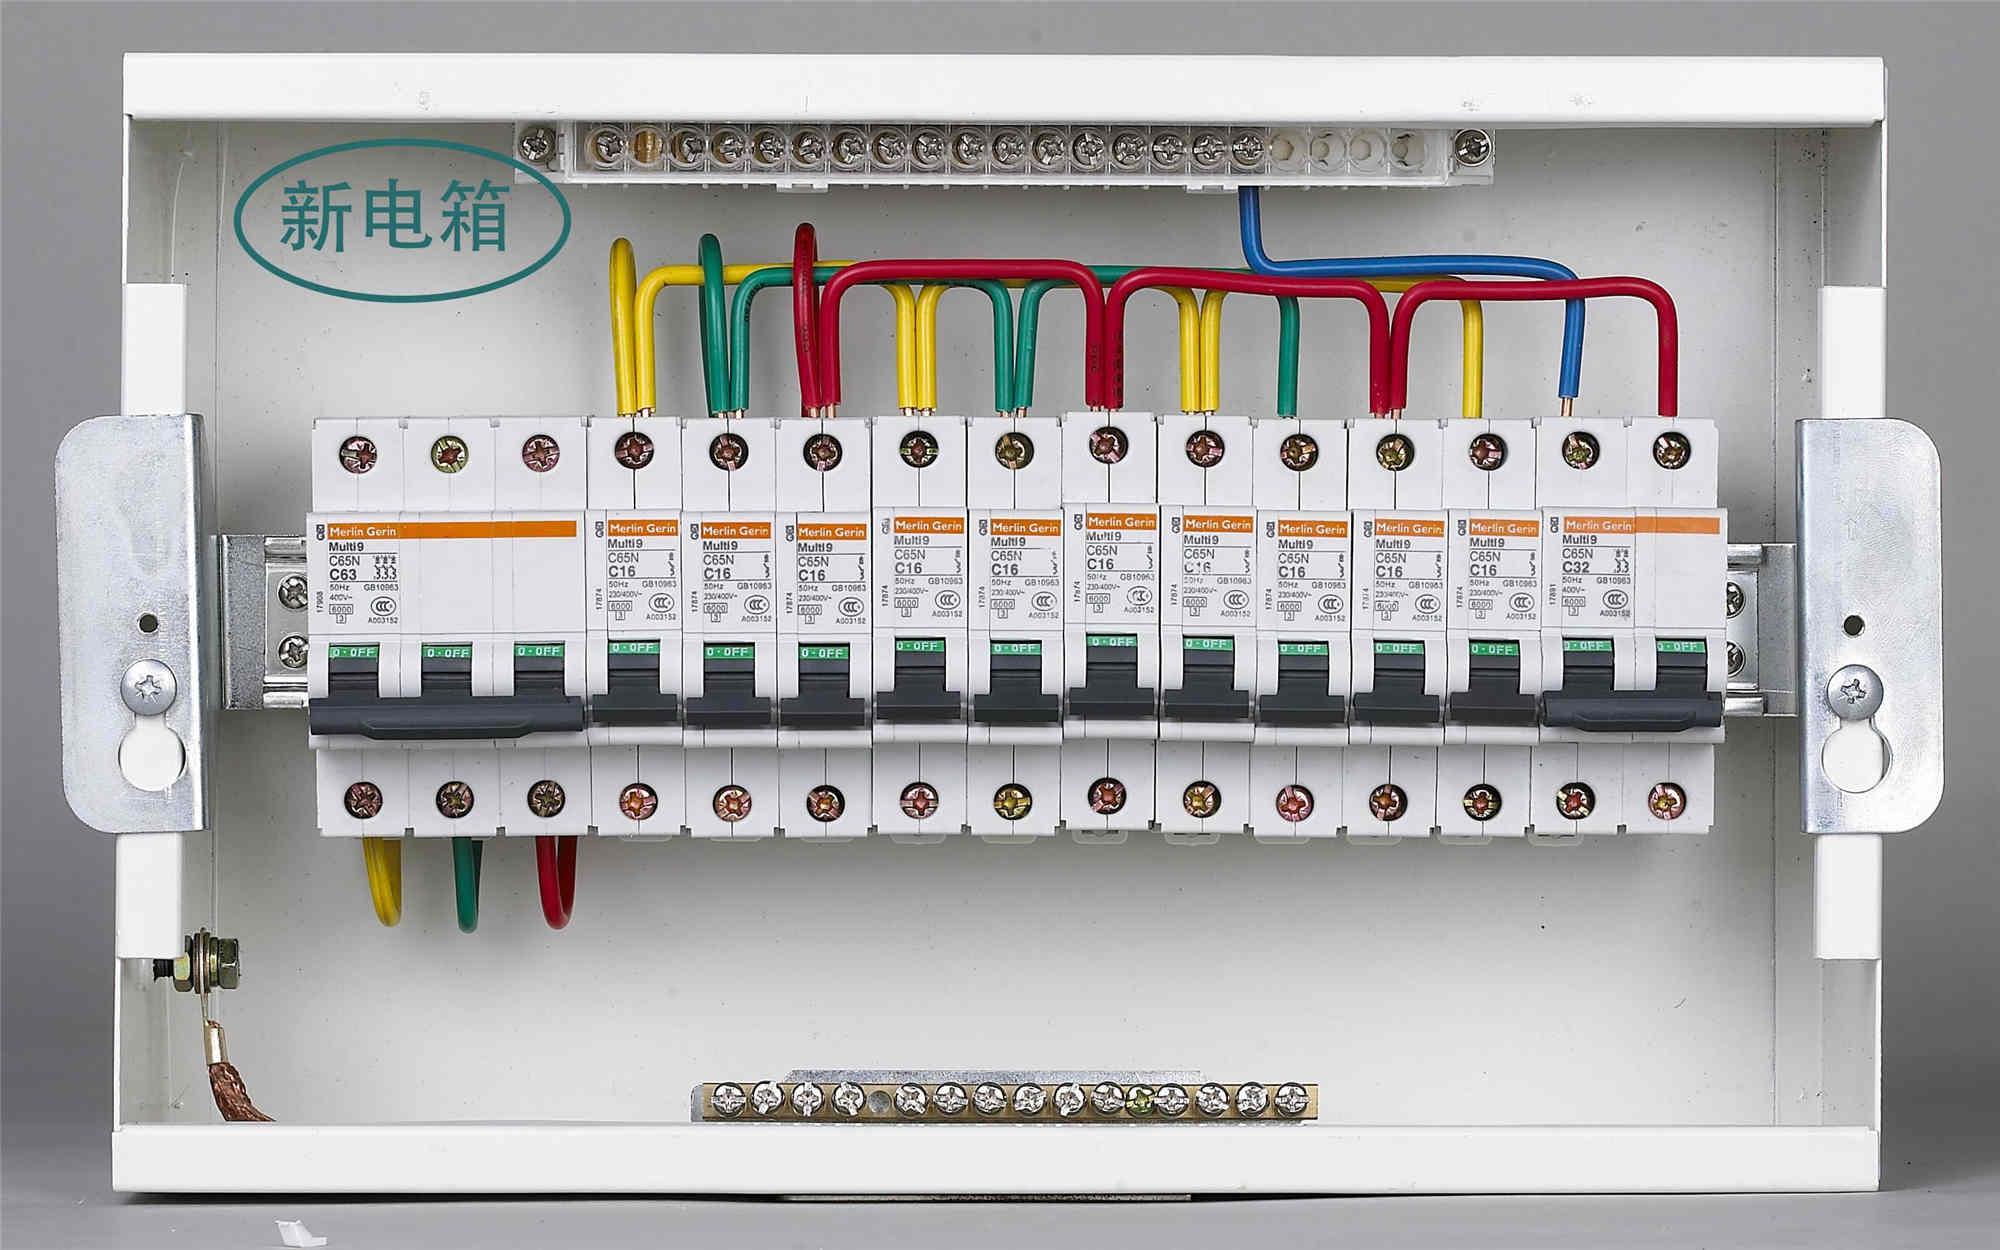 弱电工程配电箱安装禁忌及注意事项